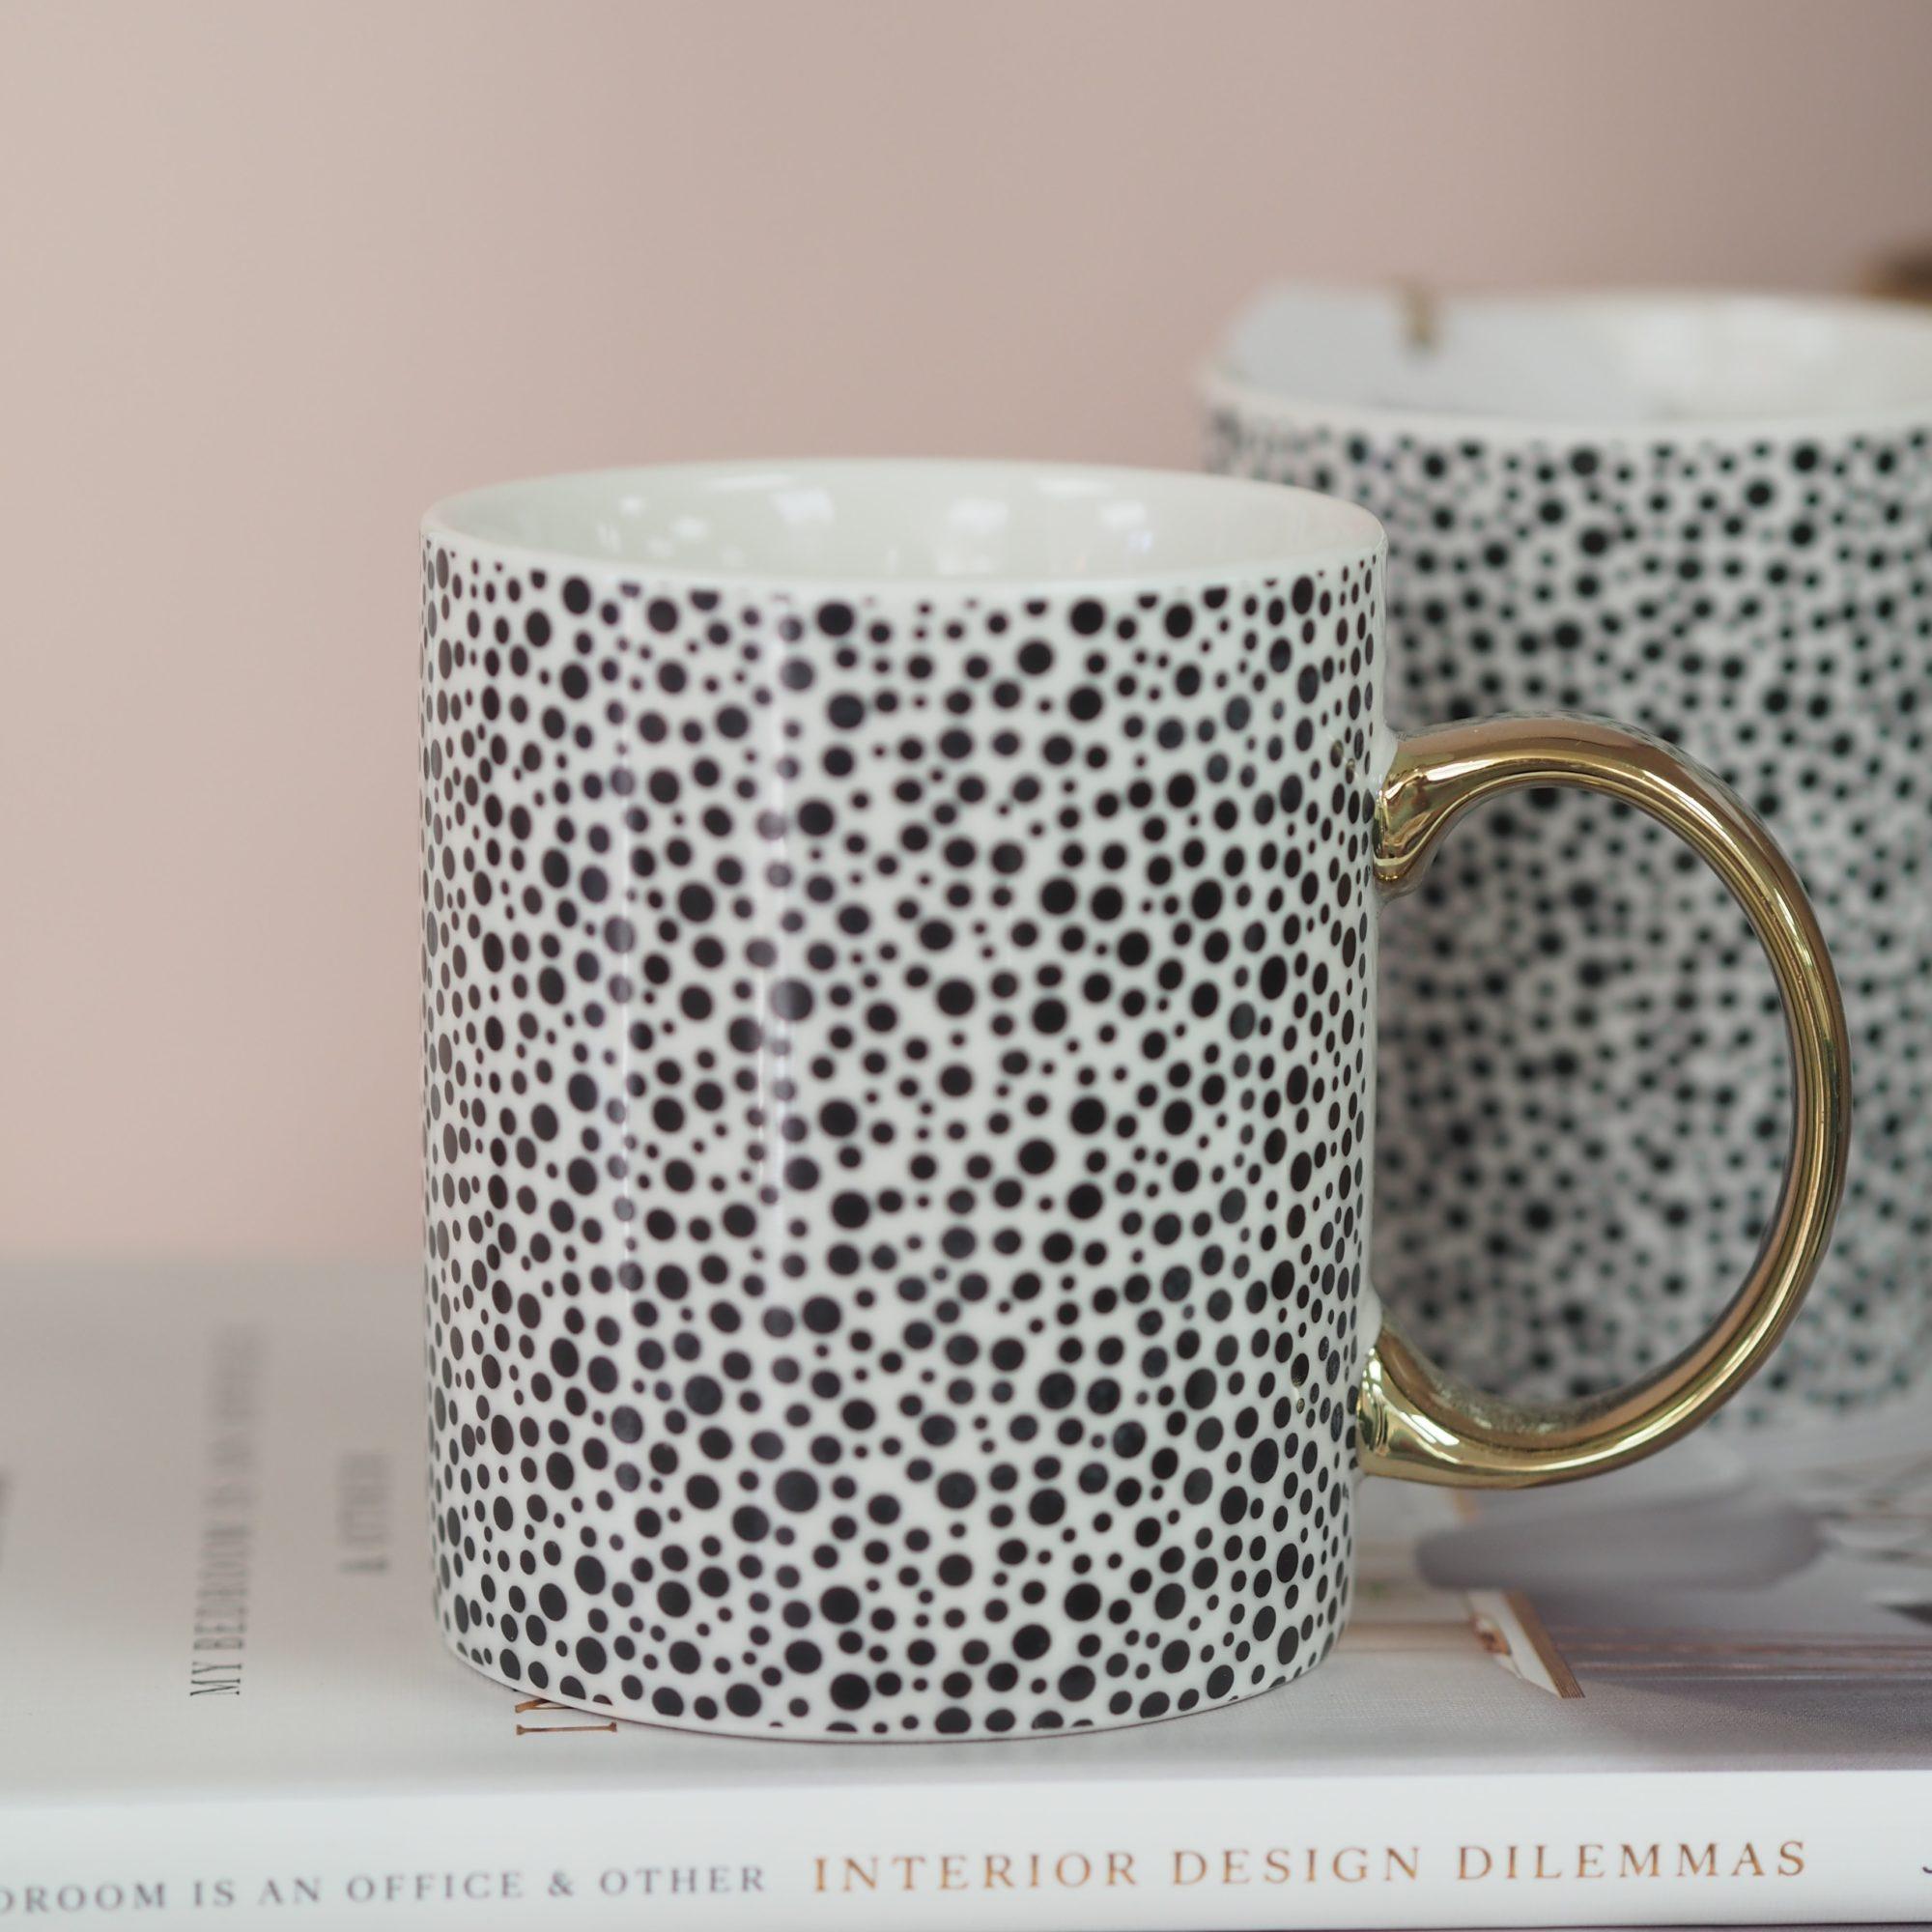 Monochrome & Gold Pattern Mugs